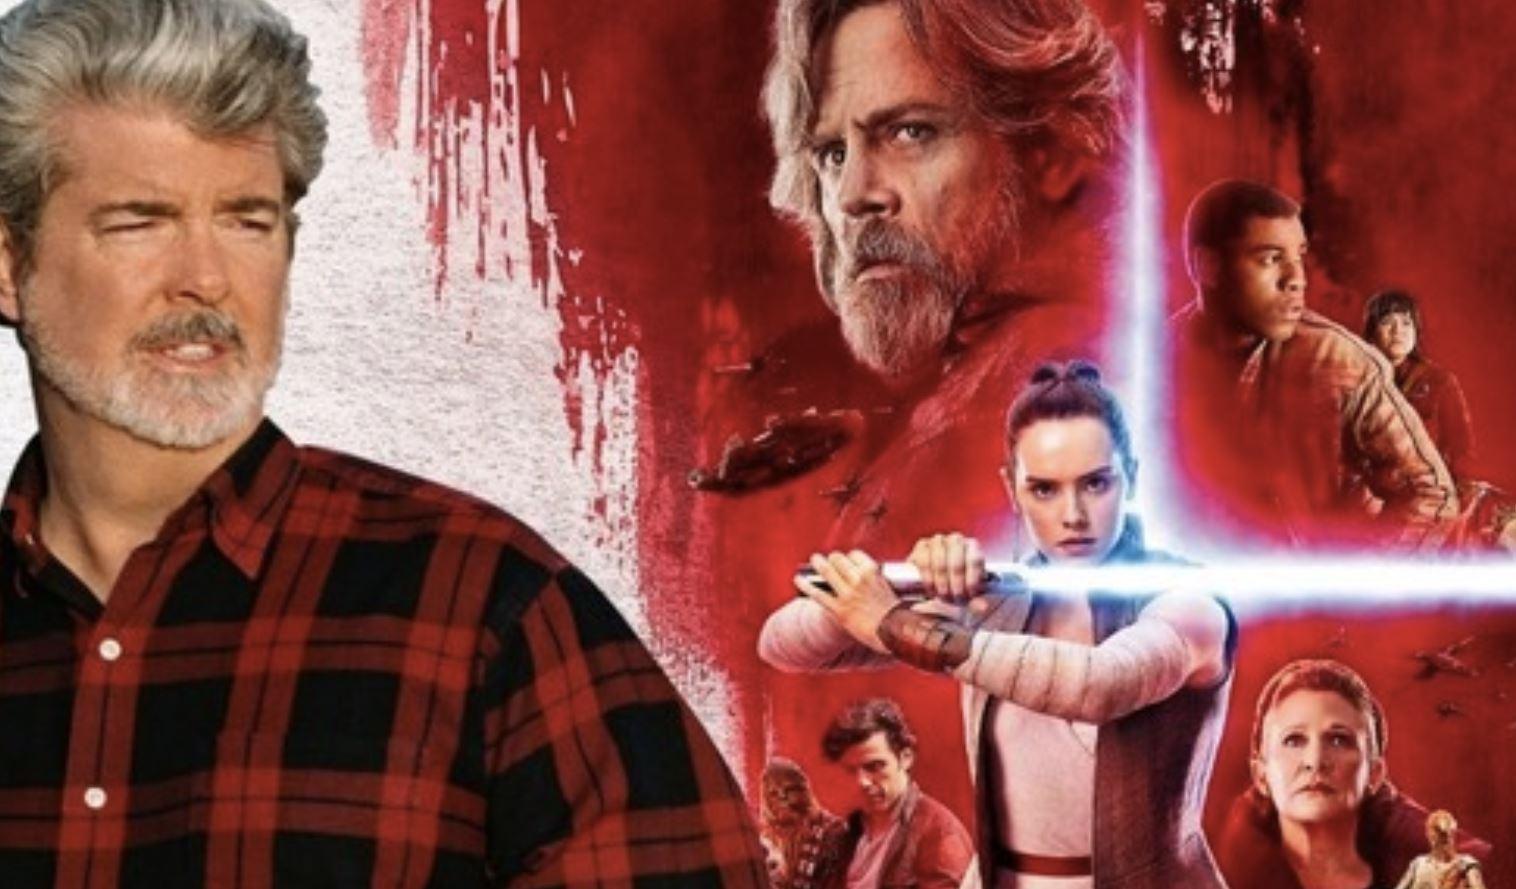 鲍勃伊格尔说乔治卢卡斯觉得新的《星球大战》电影背叛了他